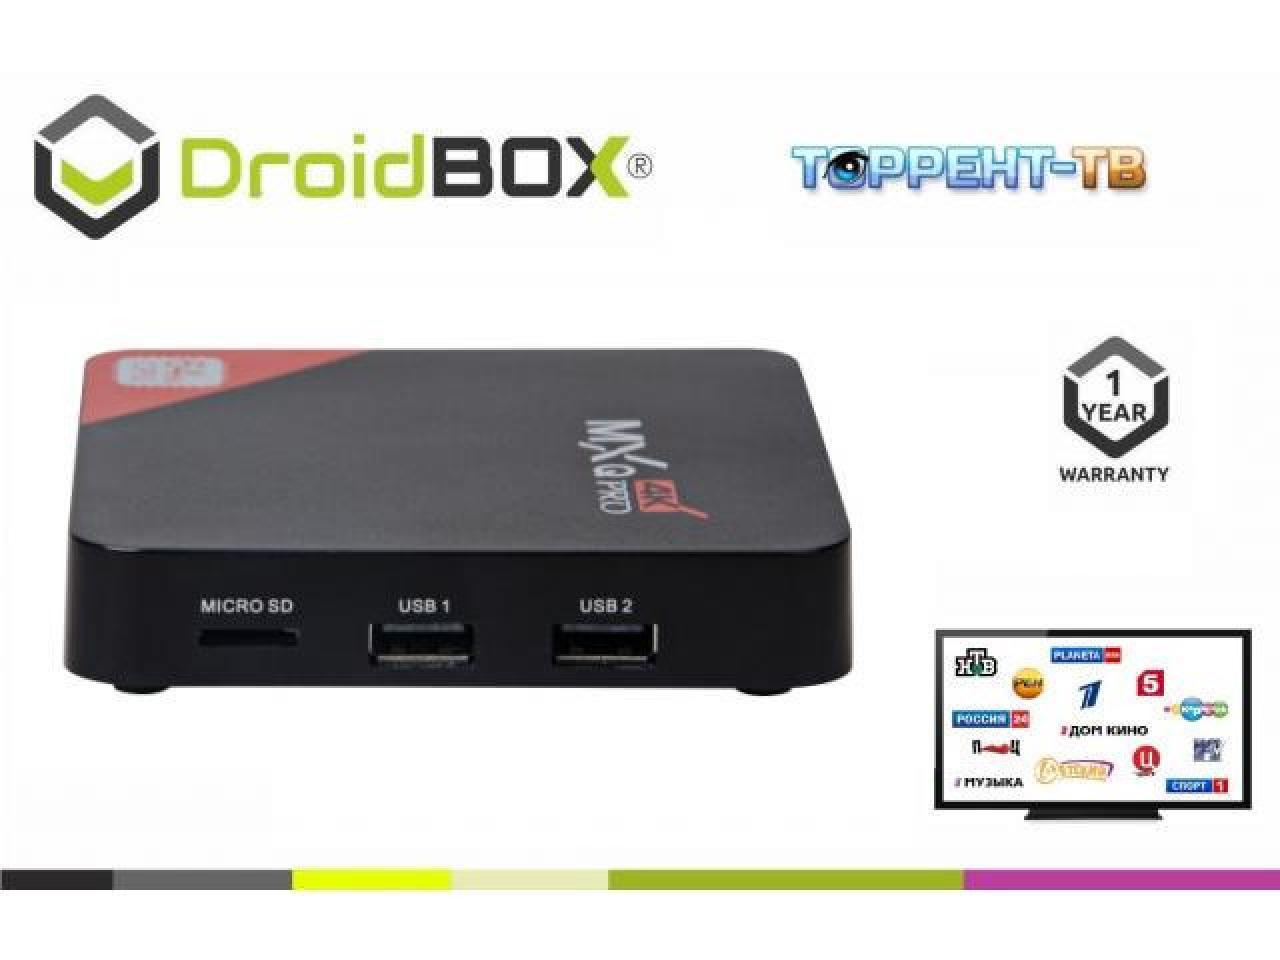 Русское телевидение, кино, сериалы на вашем ТВ возможно Бесплатно с помощью приставок Droidbox!!! - 1